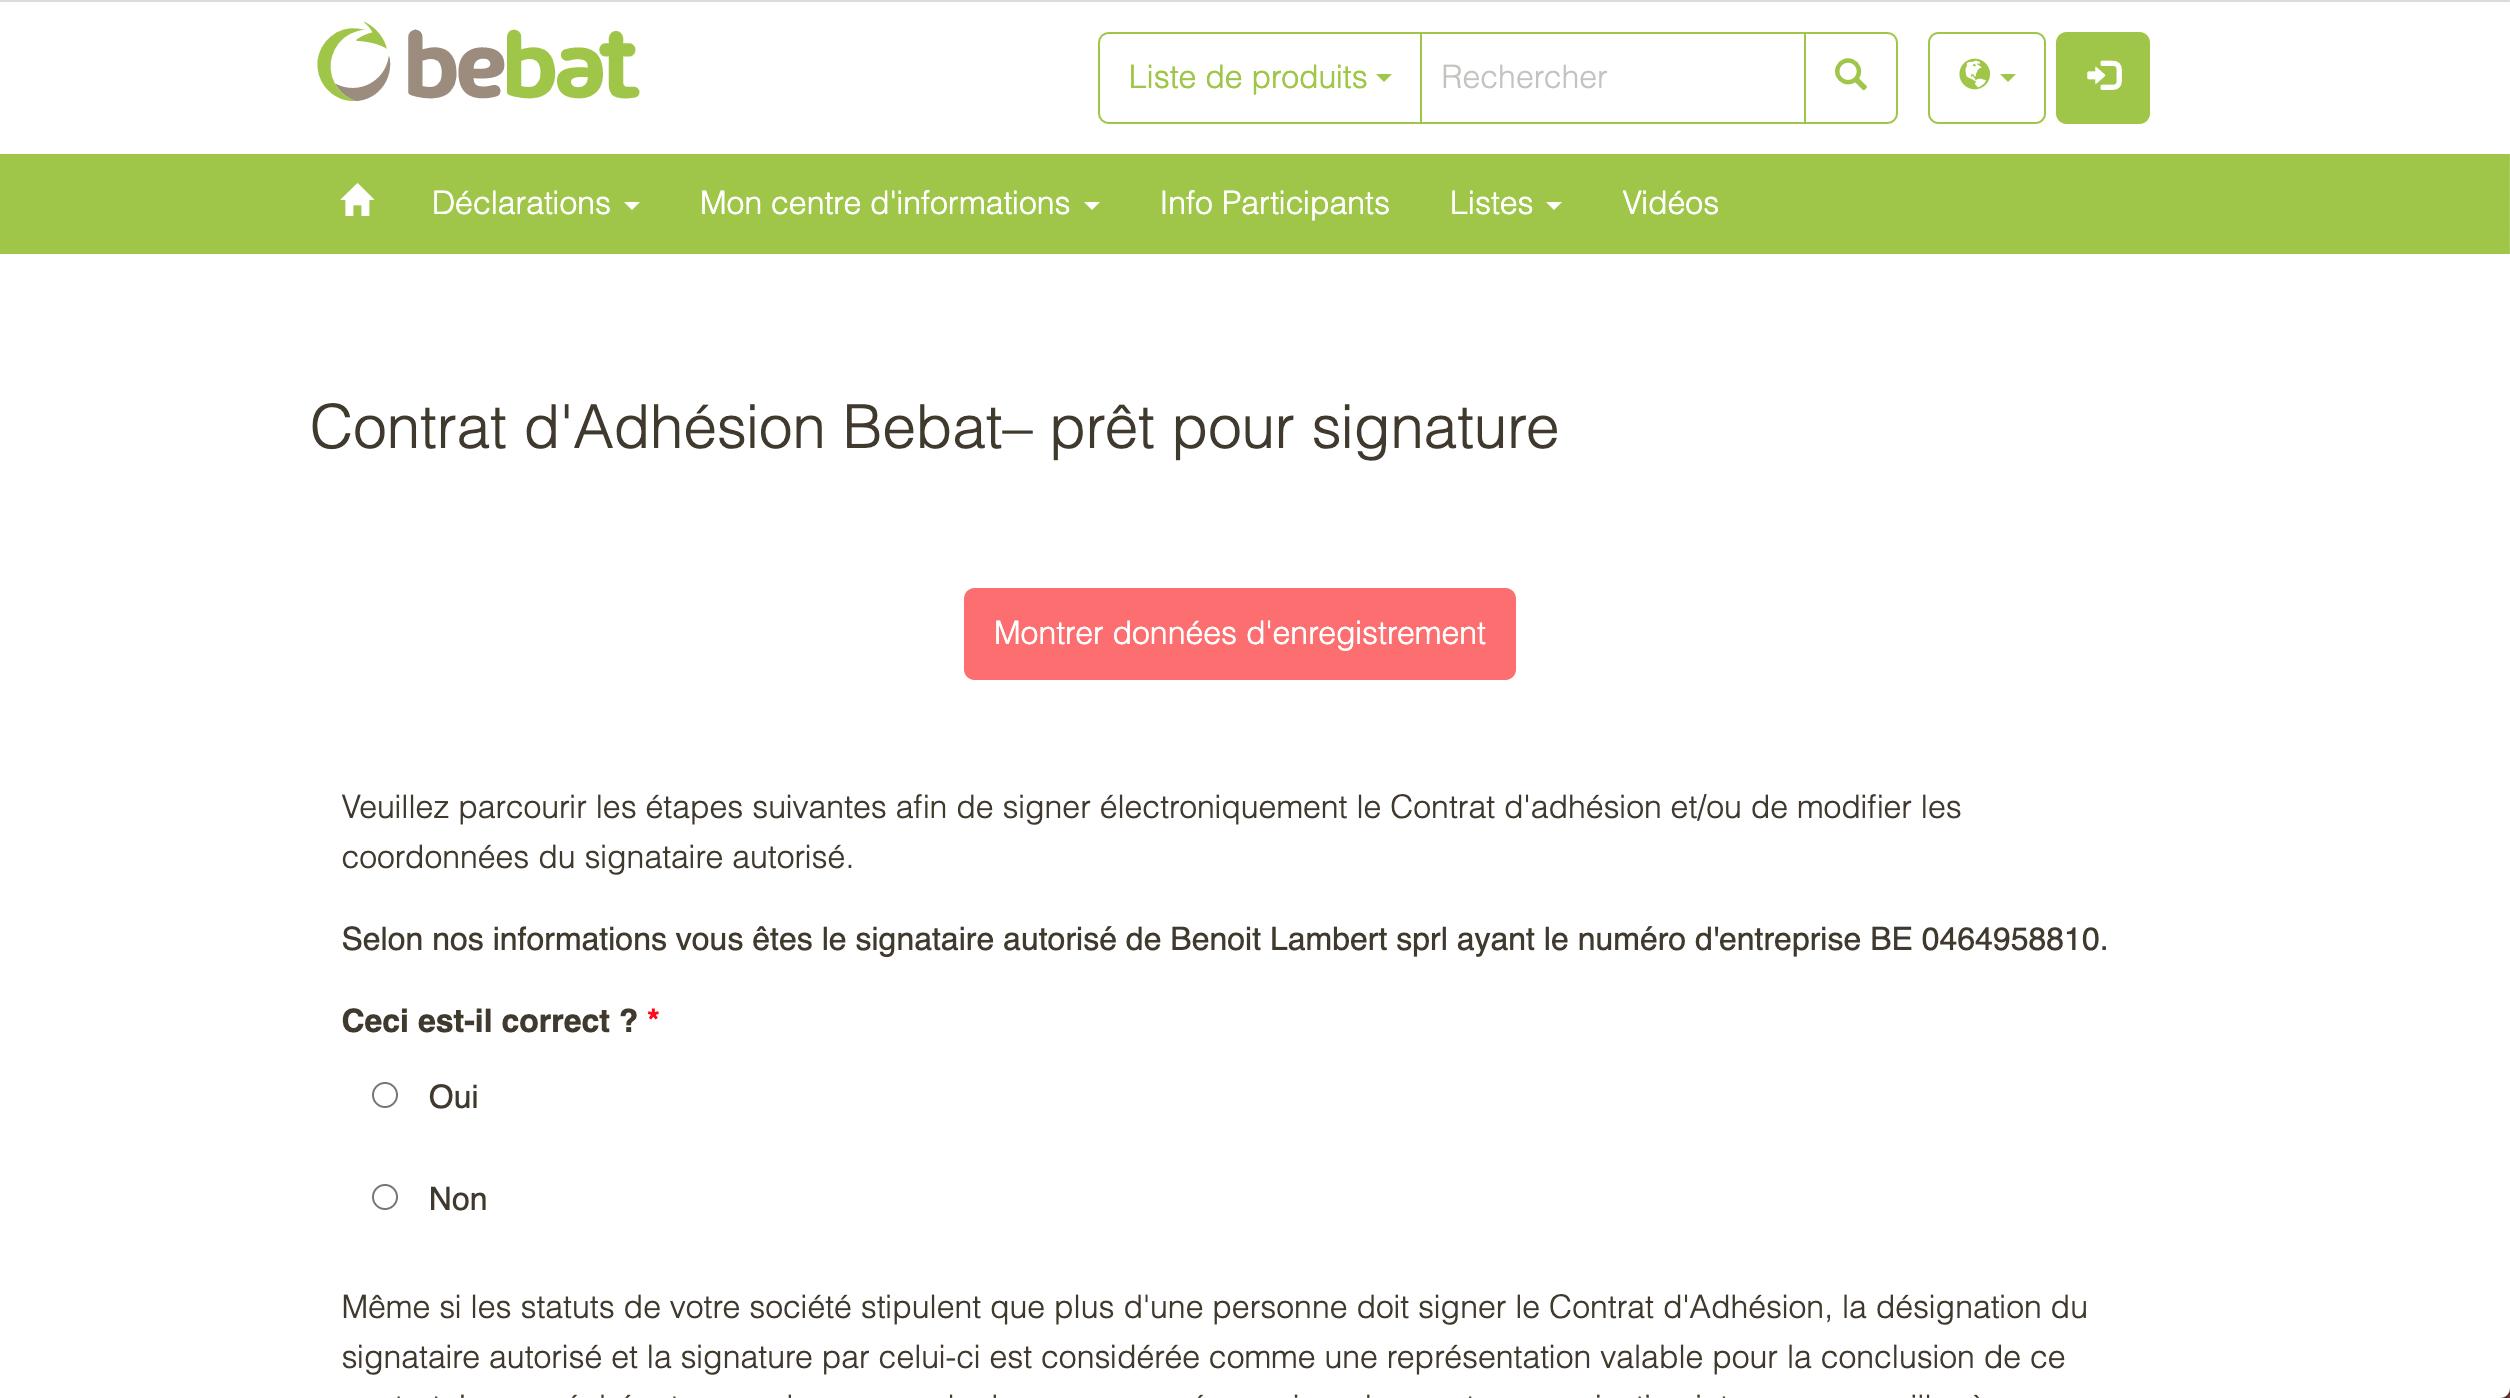 Étape 9 : Marquez votre accord pour l'adhésion en tant que signataire autorisé